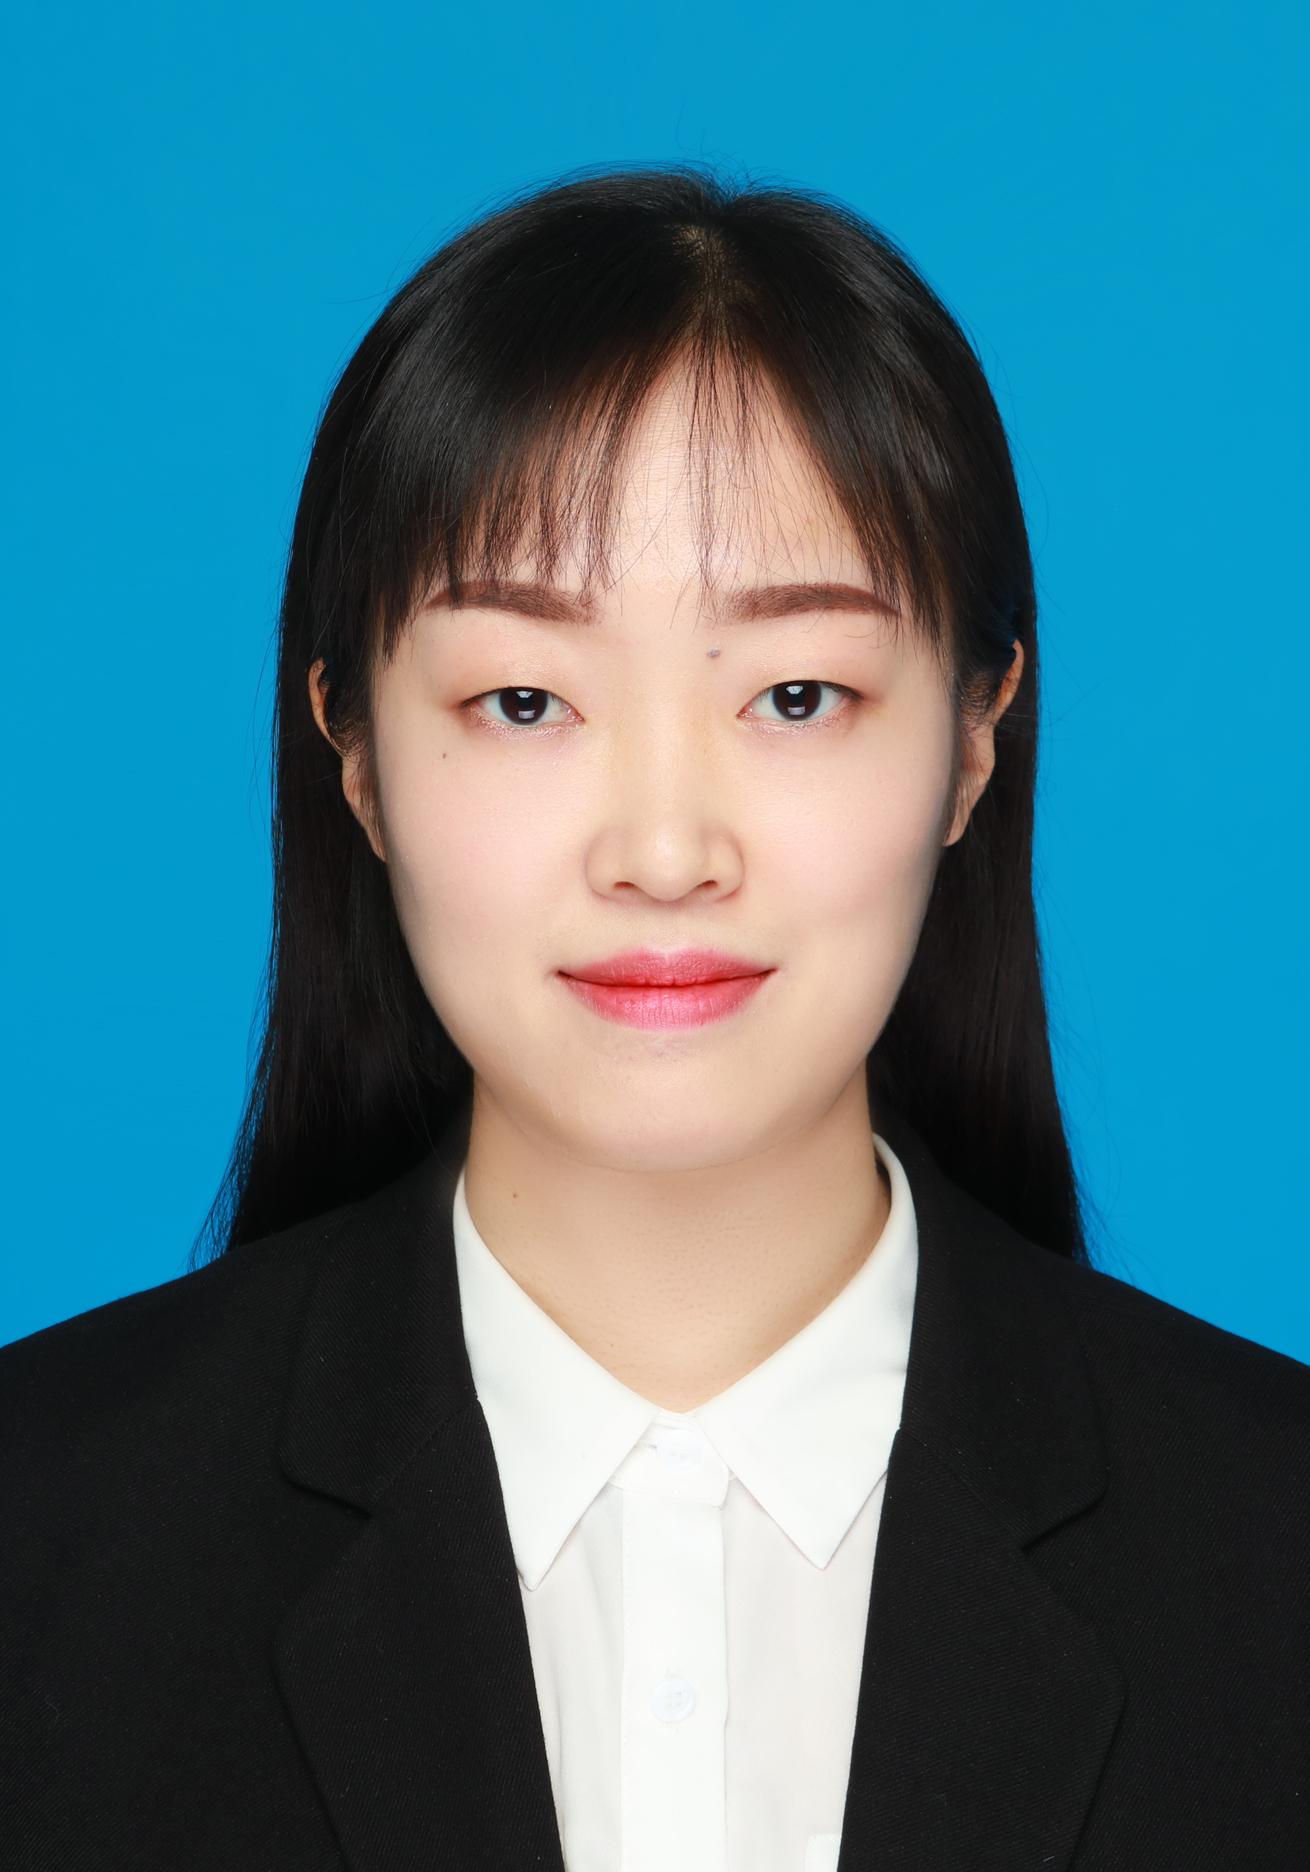 王杰娉律师